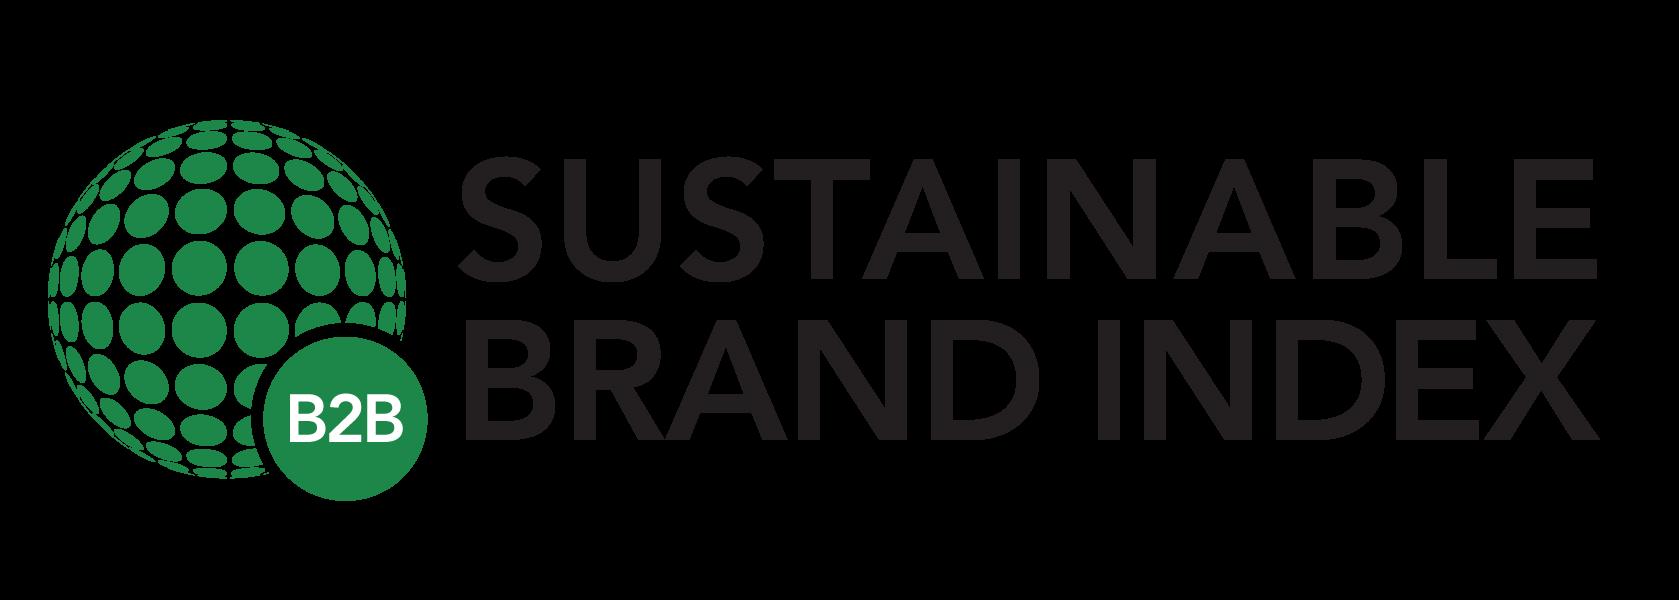 SB_Index_Logo_B2B.png